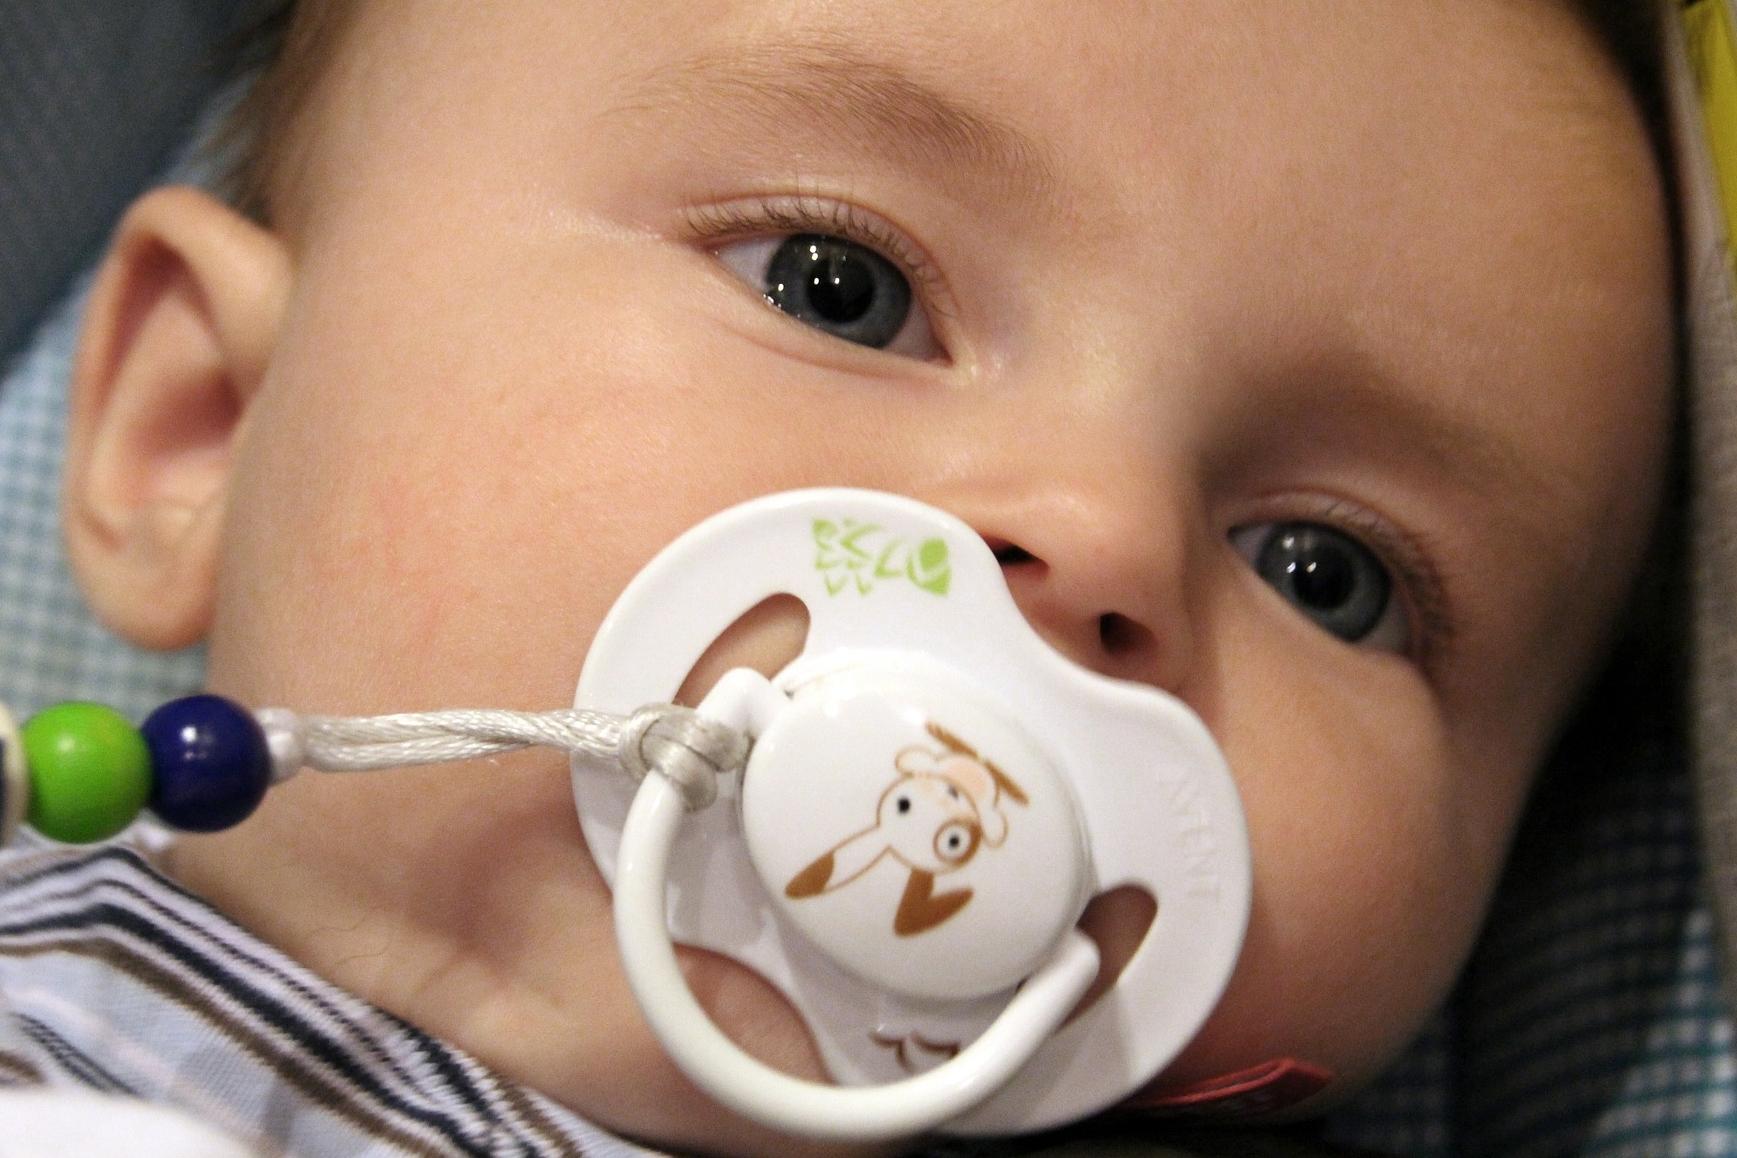 Ihr Baby - Tipps zur Kariesprävention und Mundgesundheit